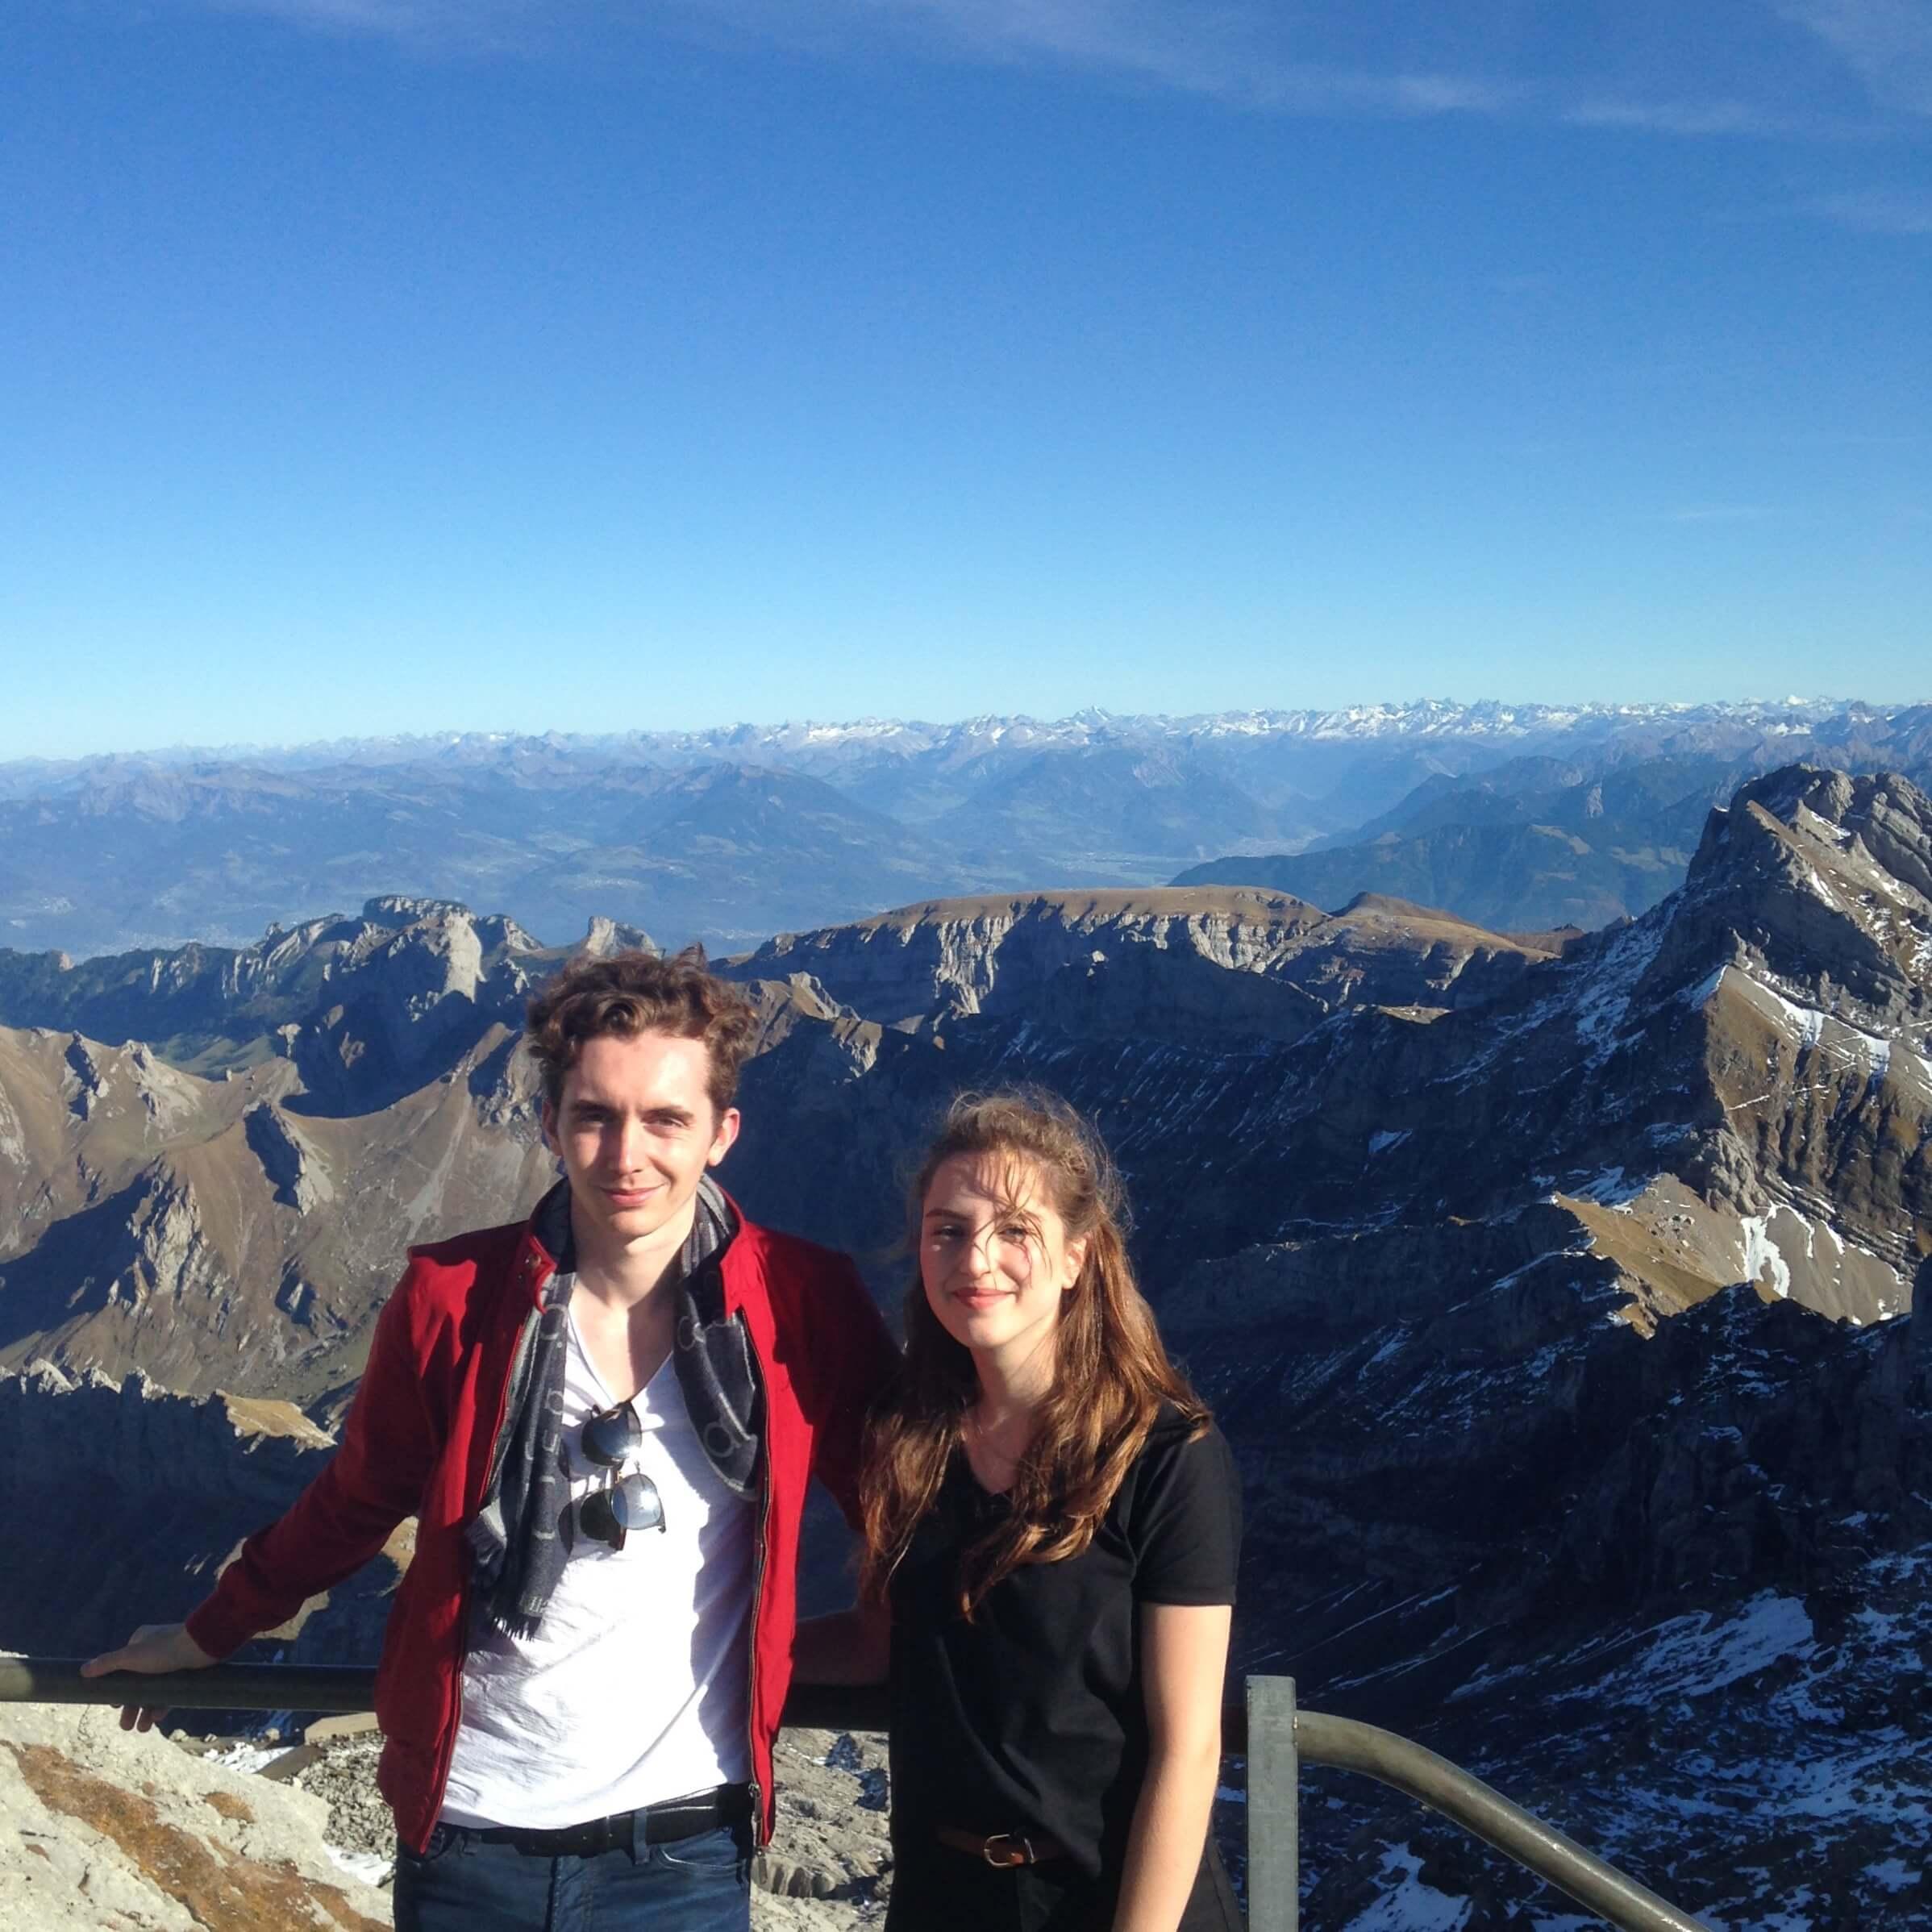 Wunderschöner Ausblick vom Berggipfel.